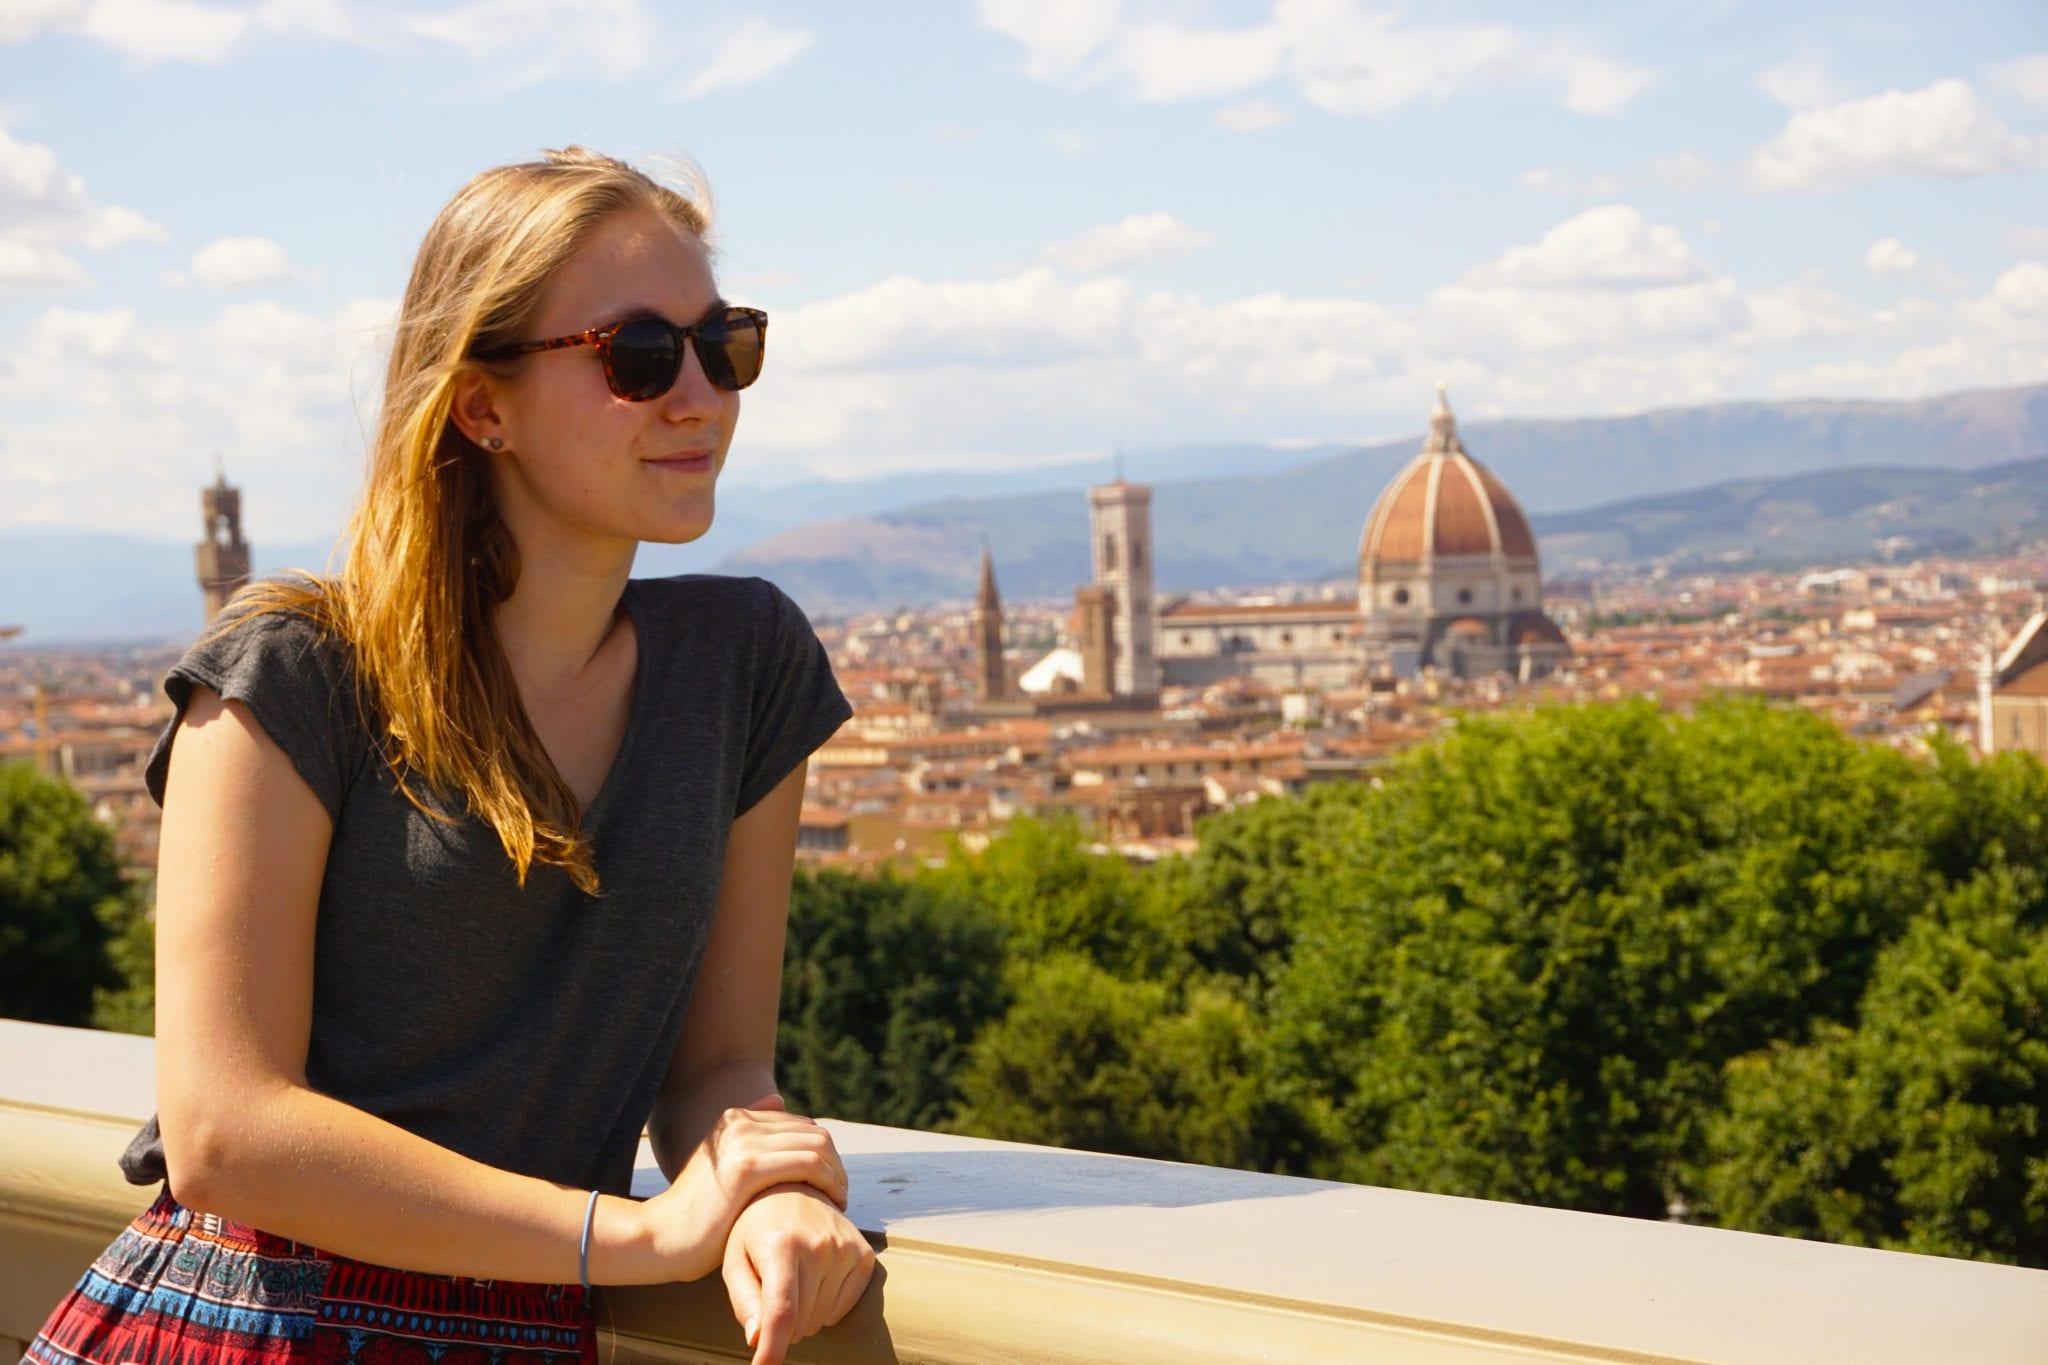 Stedentrip Toscane – Prachtig Stukje Italië